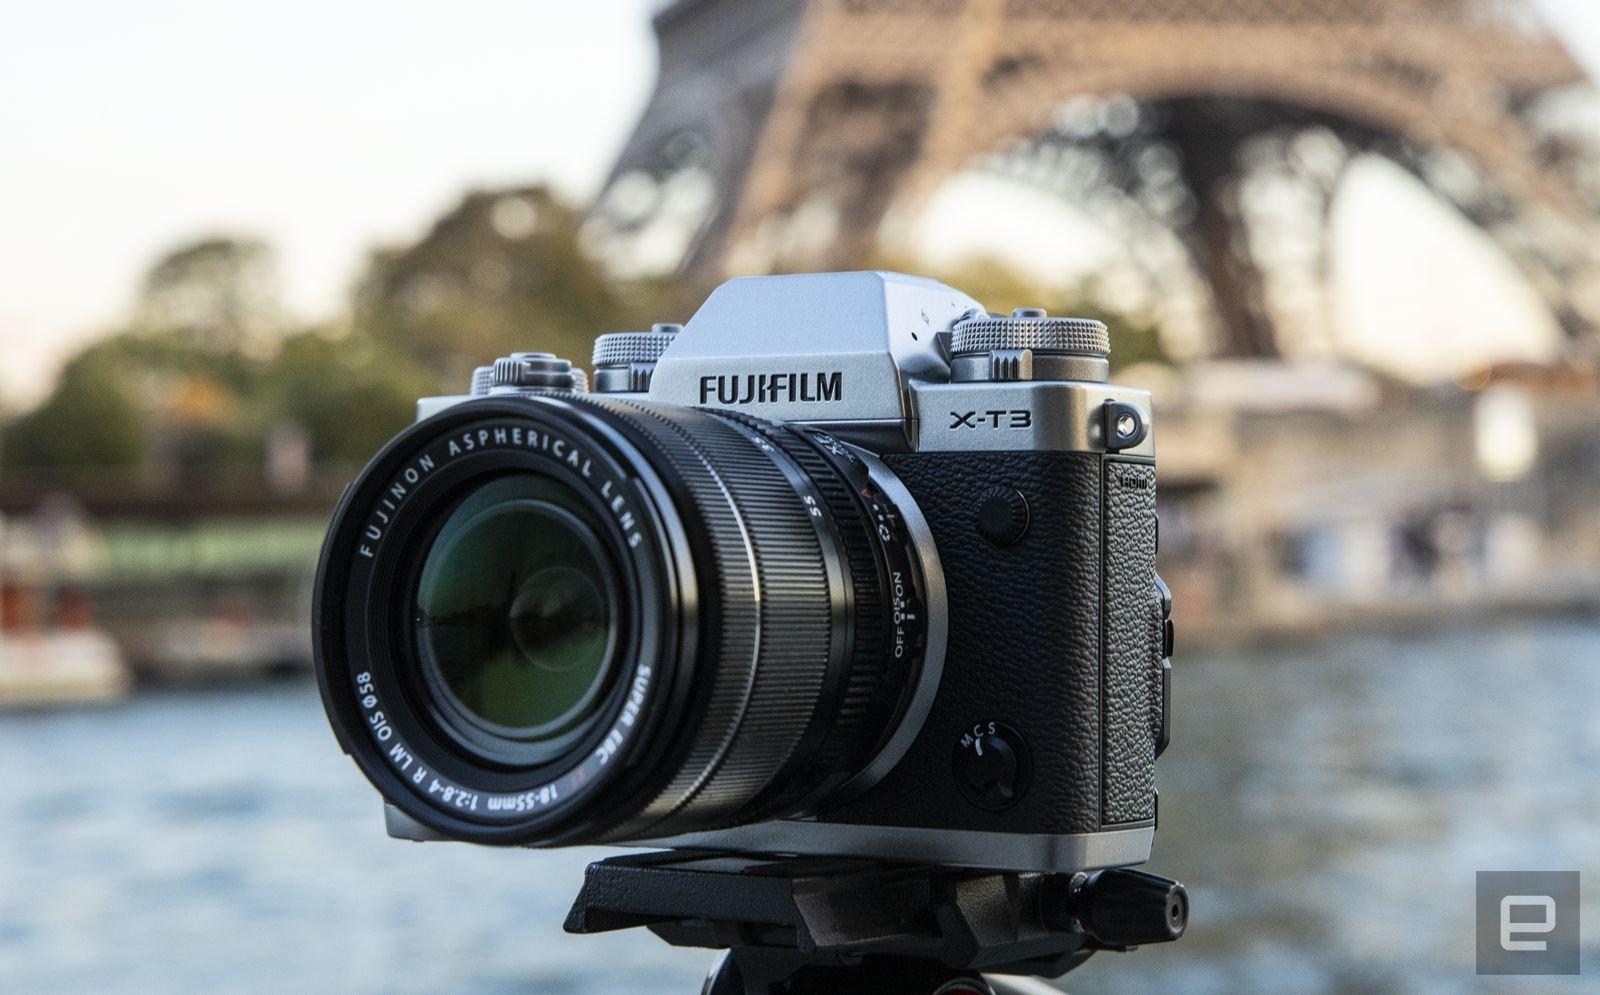 2018 là năm có nhiều sự biến đổi lớn với nền công nghiệp máy ảnh